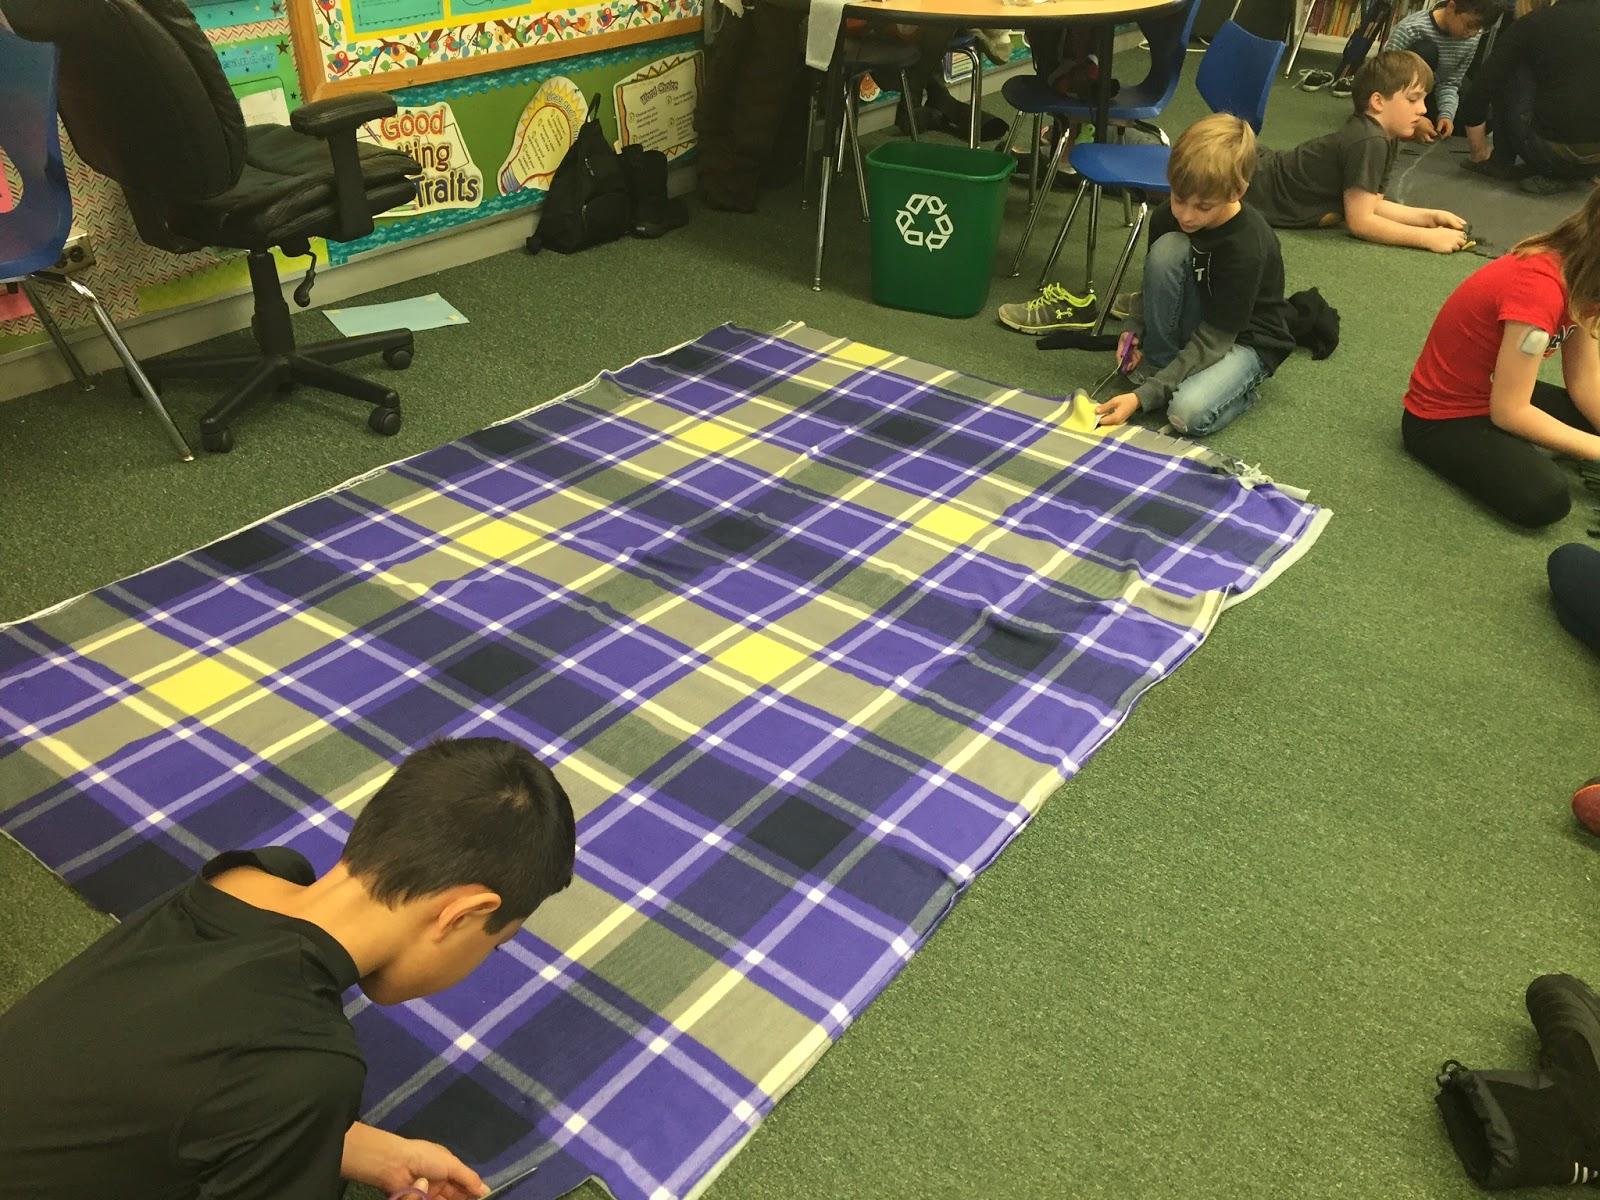 mrs chrystall photos making blankets for the homeless